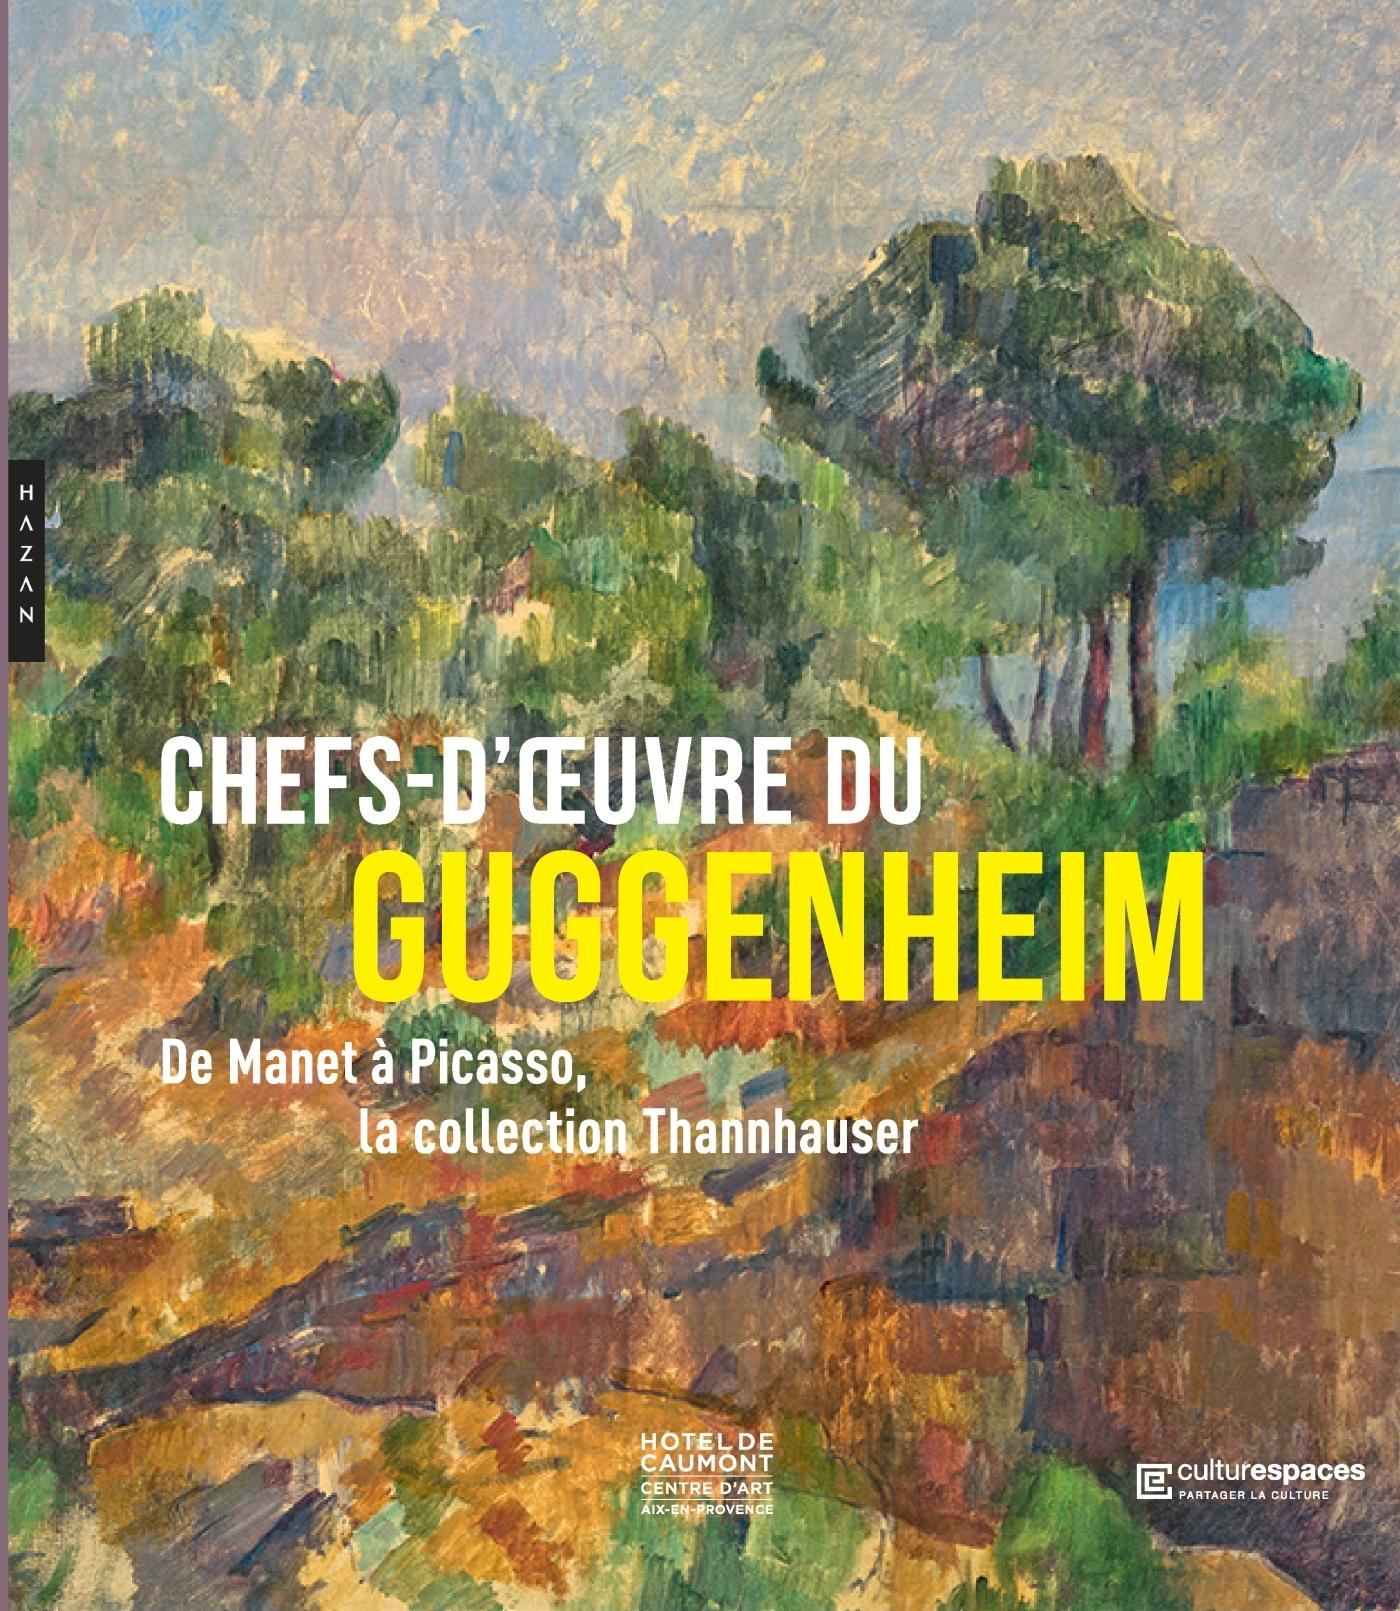 CHEFS D'OEUVRE DU GUGGENHEIM. DE MANET A PICASSO, LA COLLECTION THANNHAUSER